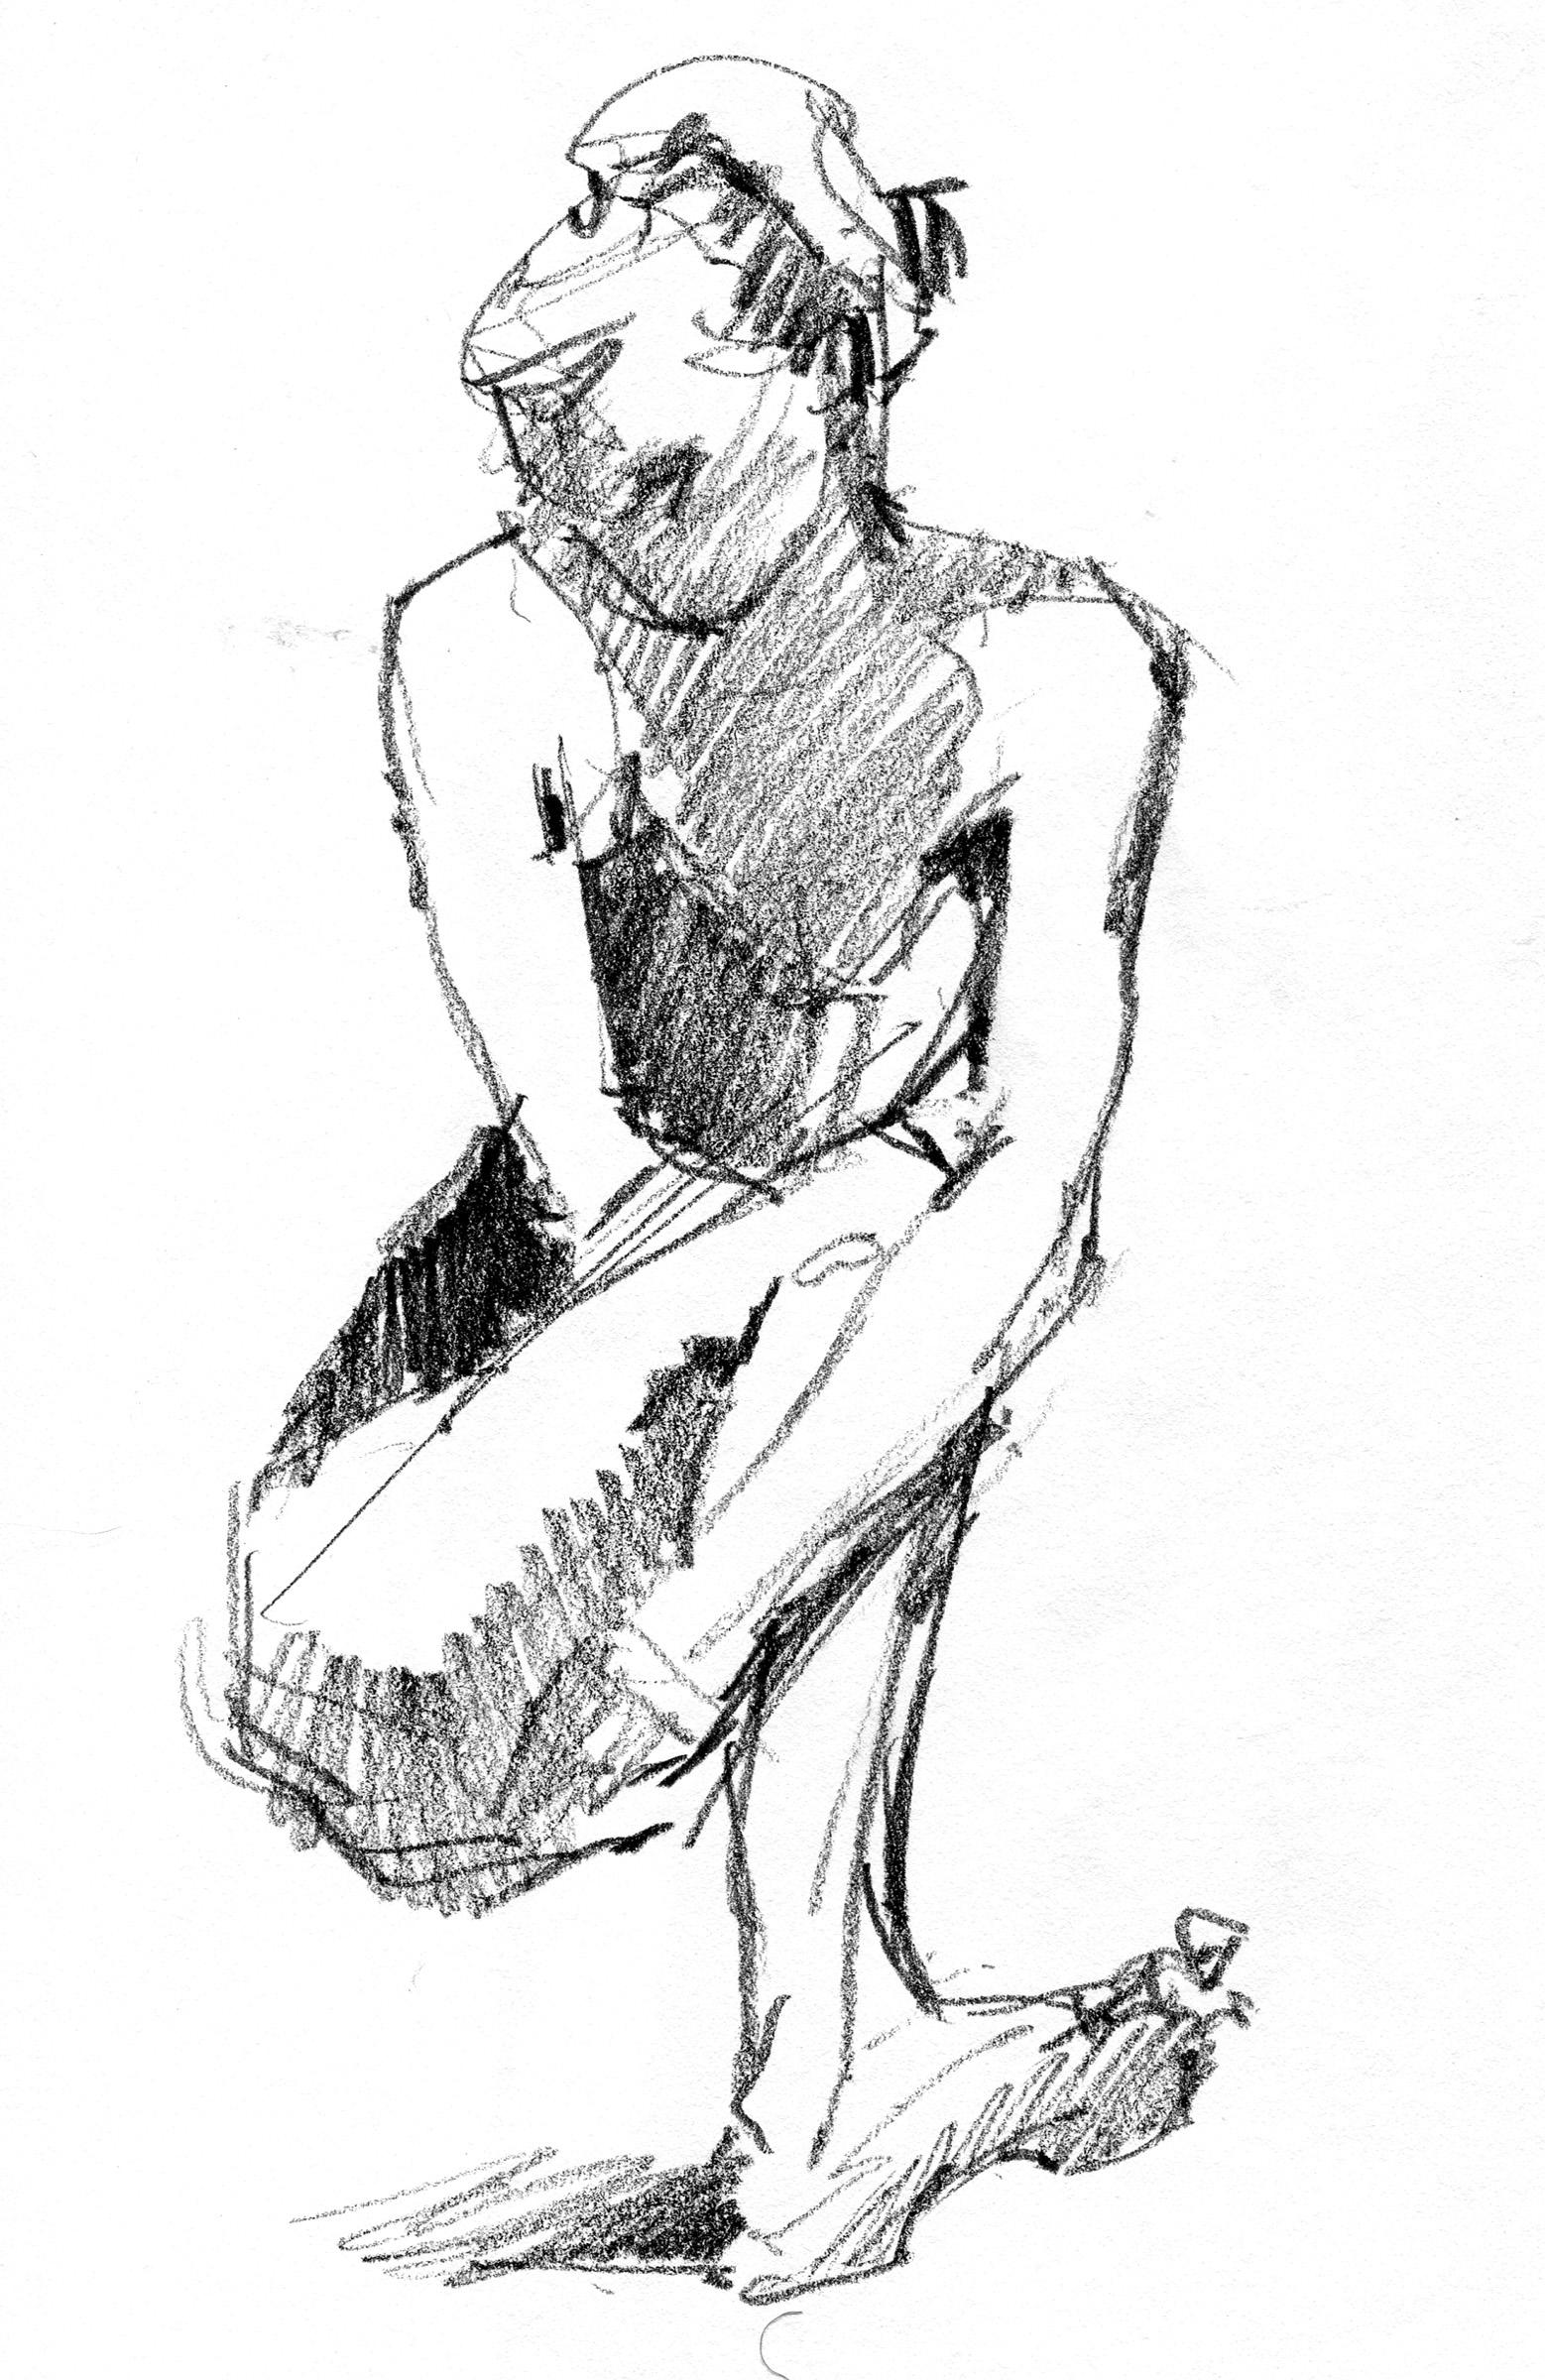 6b pencil in stillman x 11 hardbound sketchbook